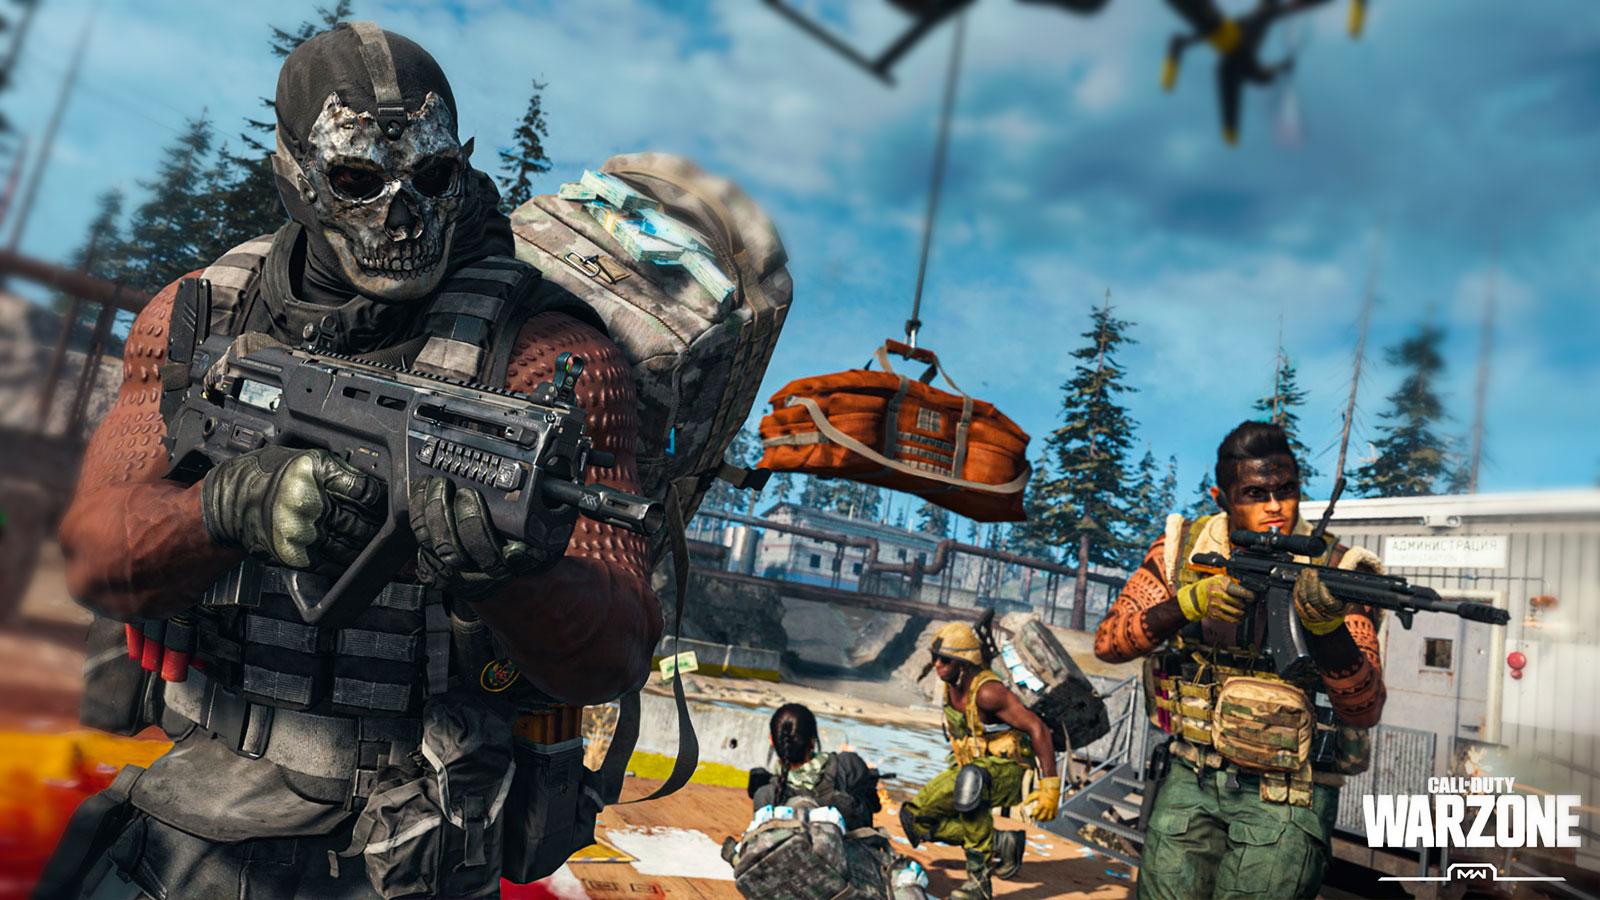 Call of Duty Warzone Топ бесплатных шутеров